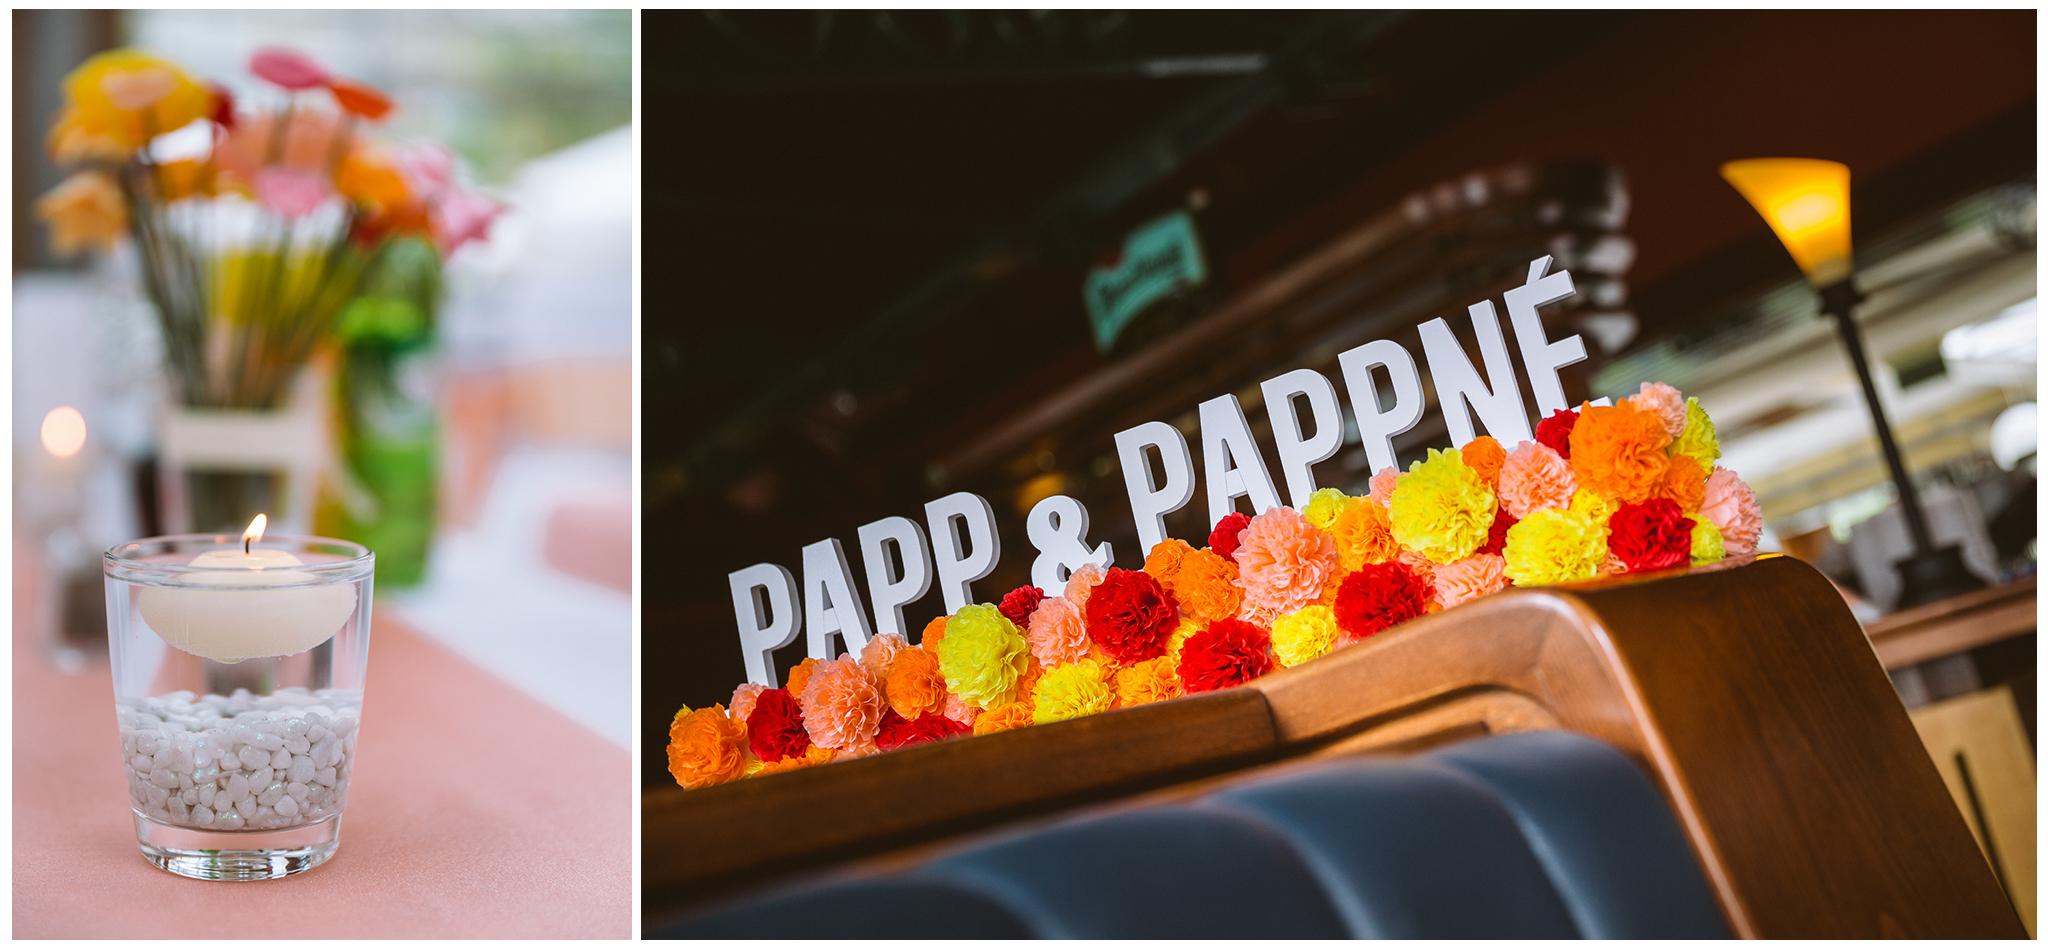 FylepPhoto, esküvőfotós, esküvői fotós Körmend, Szombathely, esküvőfotózás, magyarország, vas megye, prémium, jegyesfotózás, Fülöp Péter, körmend, kreatív, fotográfus_030.jpg